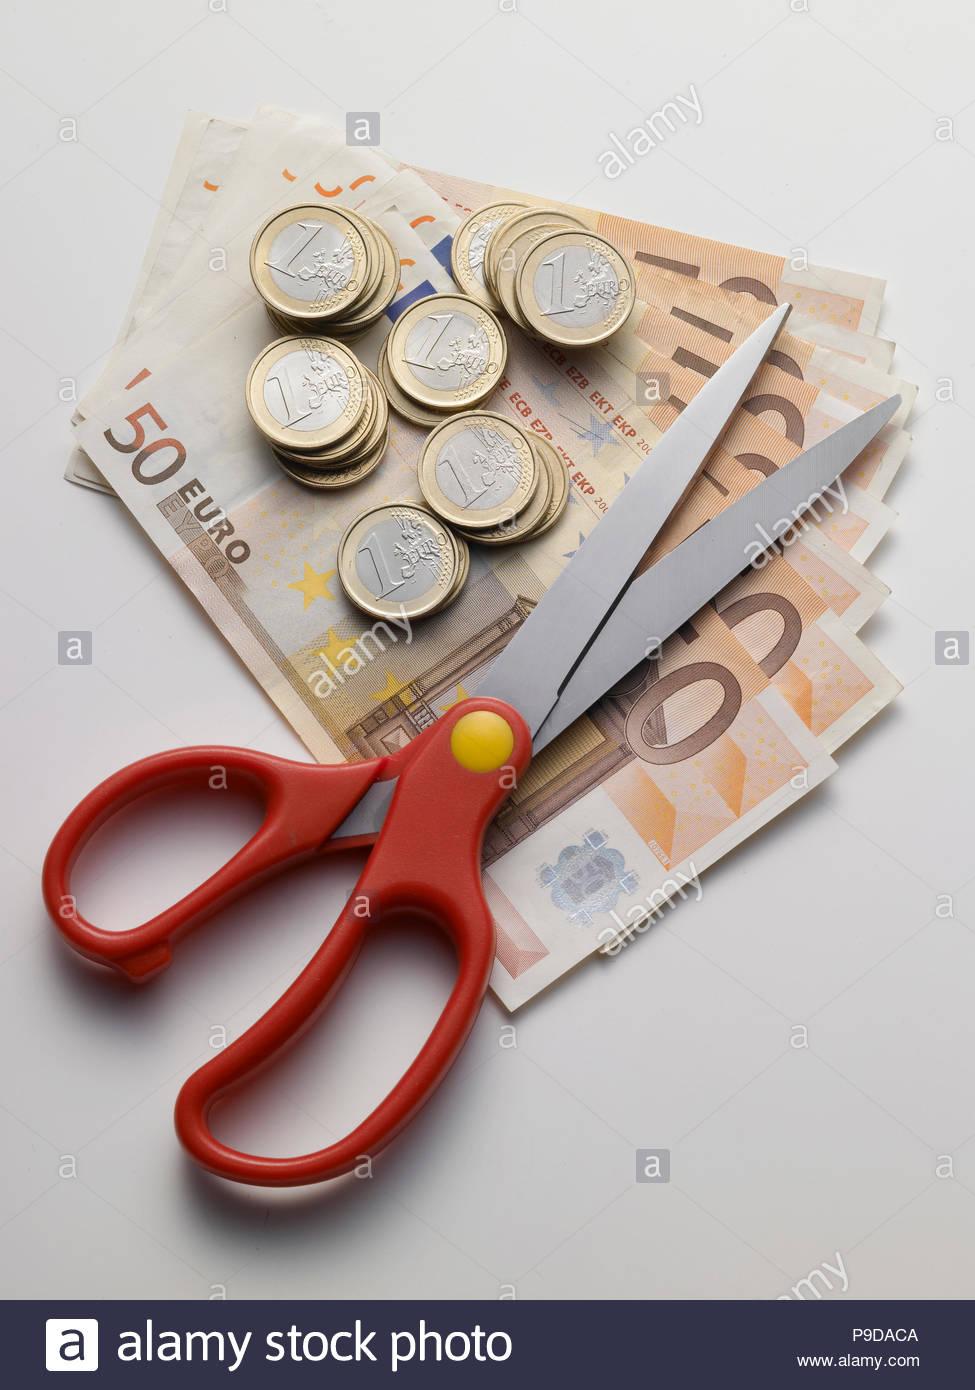 Tijeras y dinero en fondos blancos Imagen De Stock